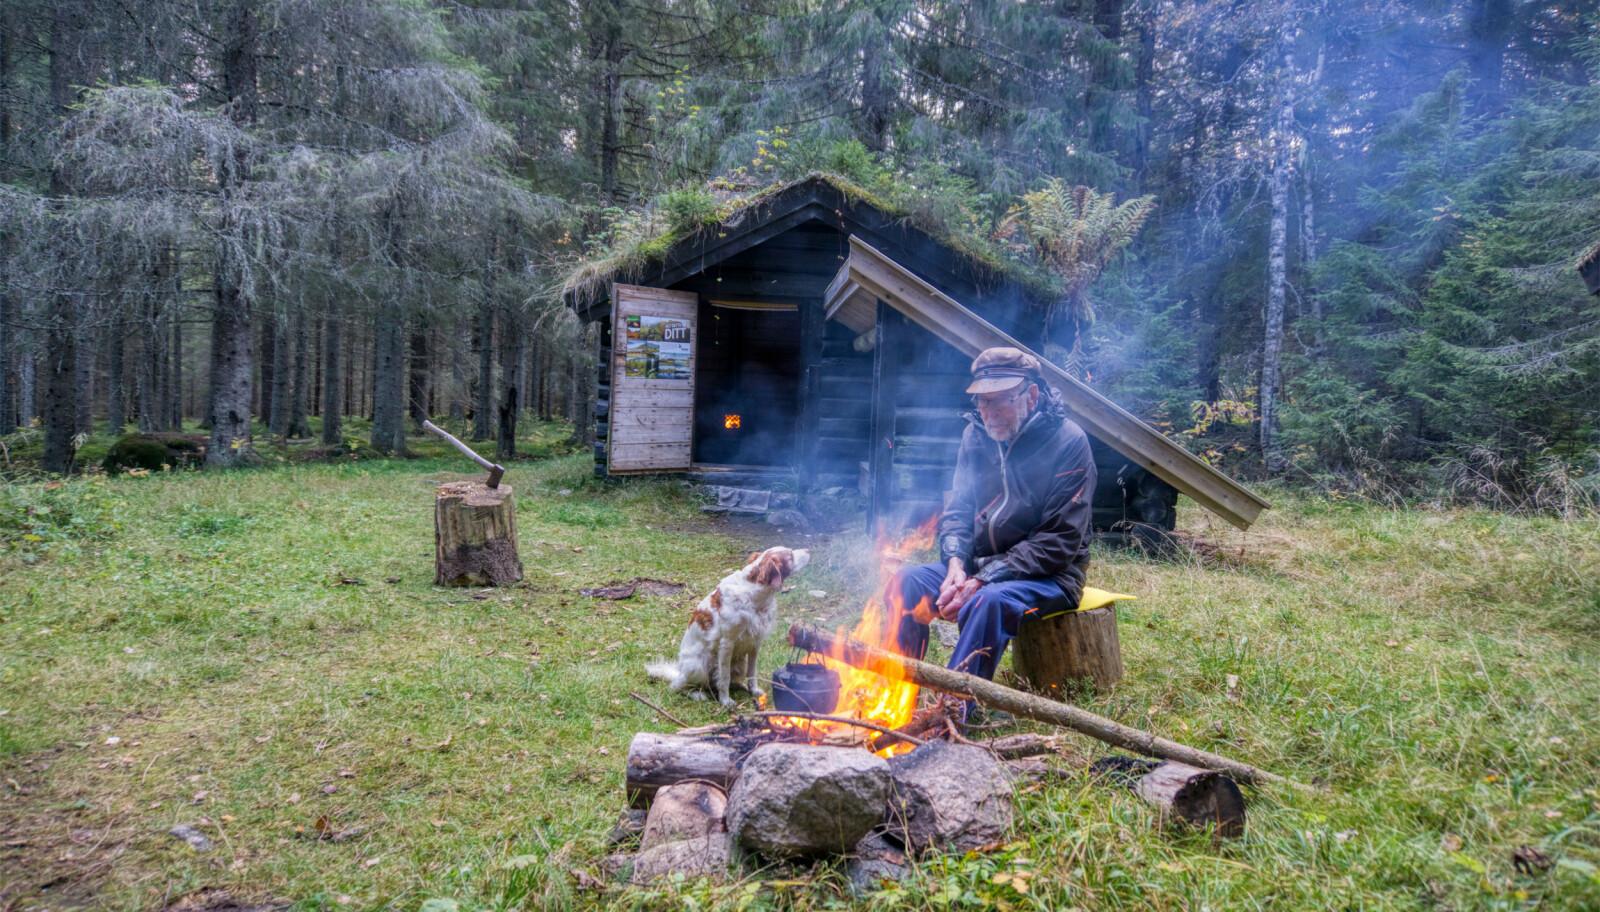 Grusetsetra i Maliskjæra naturreservat i Grue kommune i Hedmark hadde fast bosetting til midten av 1950-tallet. Nå er den vesle hytta med tilhørende gapahuk tilgjengelig for alle - helt gratis. Egil Skoglund venter på at bålkaffen skal bli klar. Ved siden av sitter hunden Atcho. Foto: Torkel Skoglund/Statskog